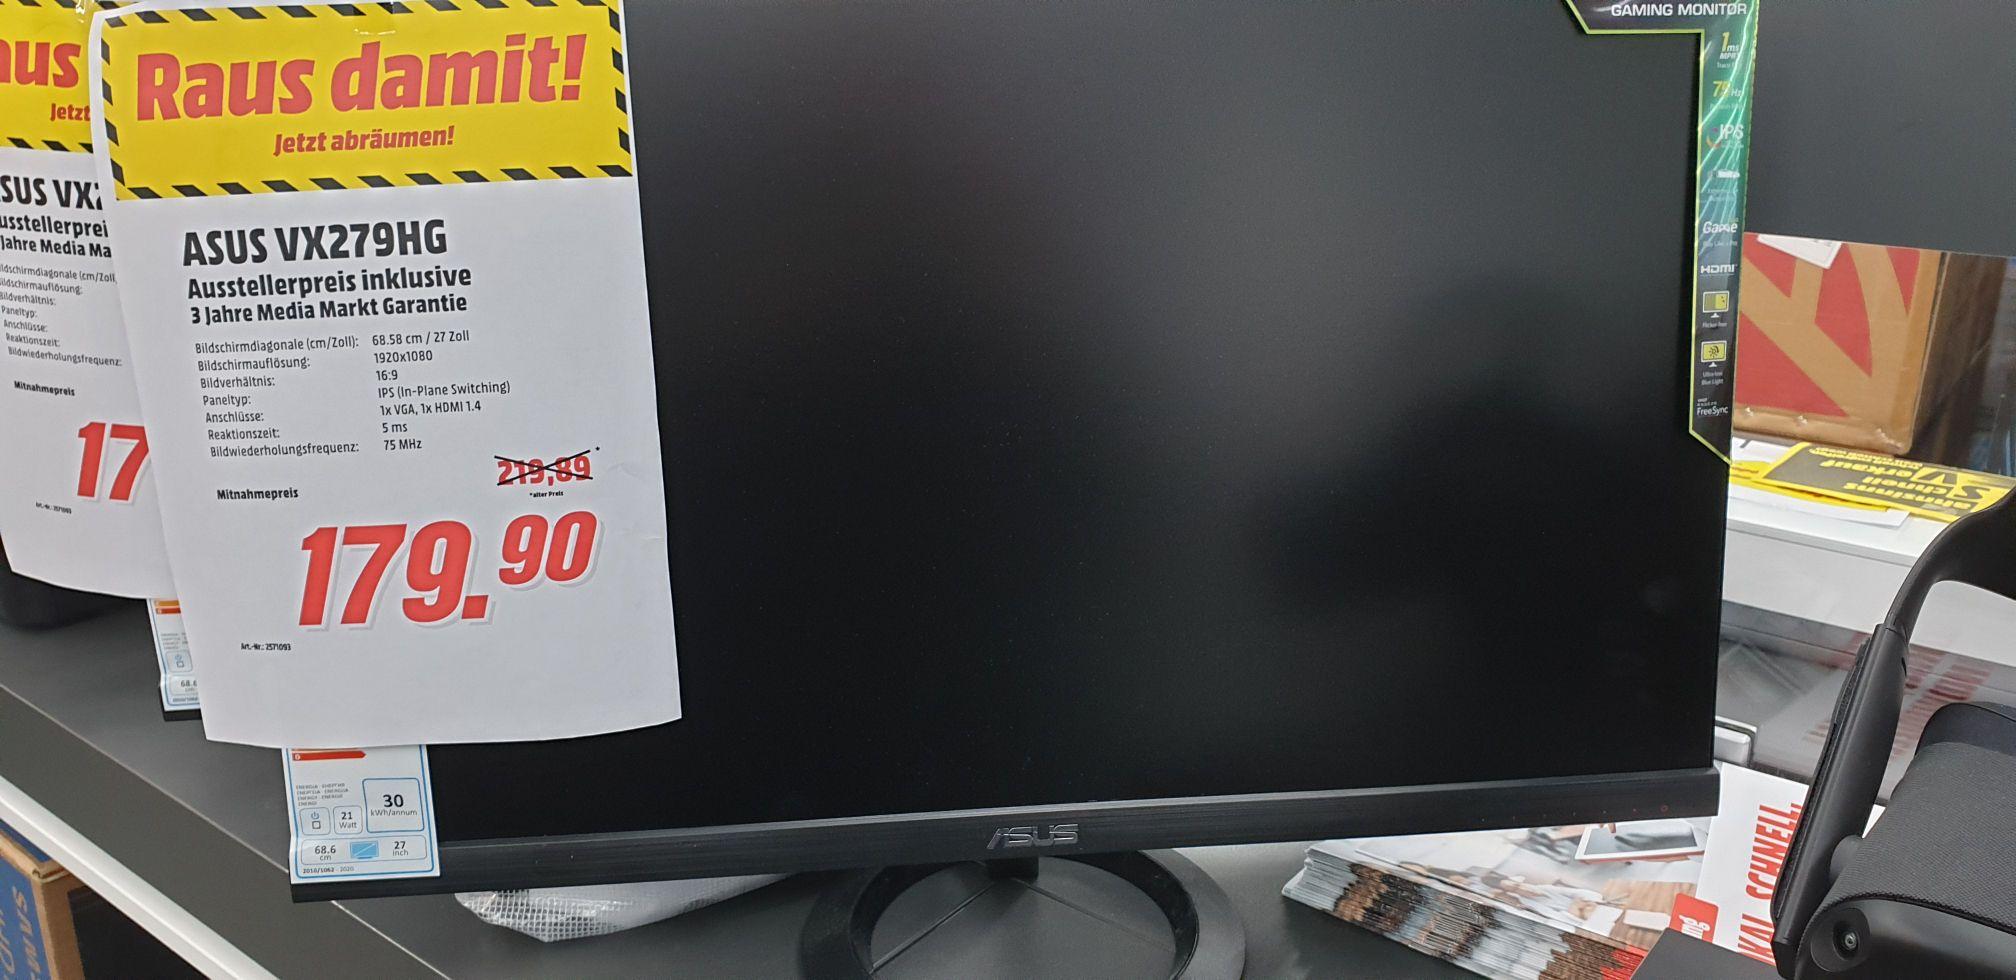 [Media Markt Indupark Dortmund] Asus VX279HG Monitor